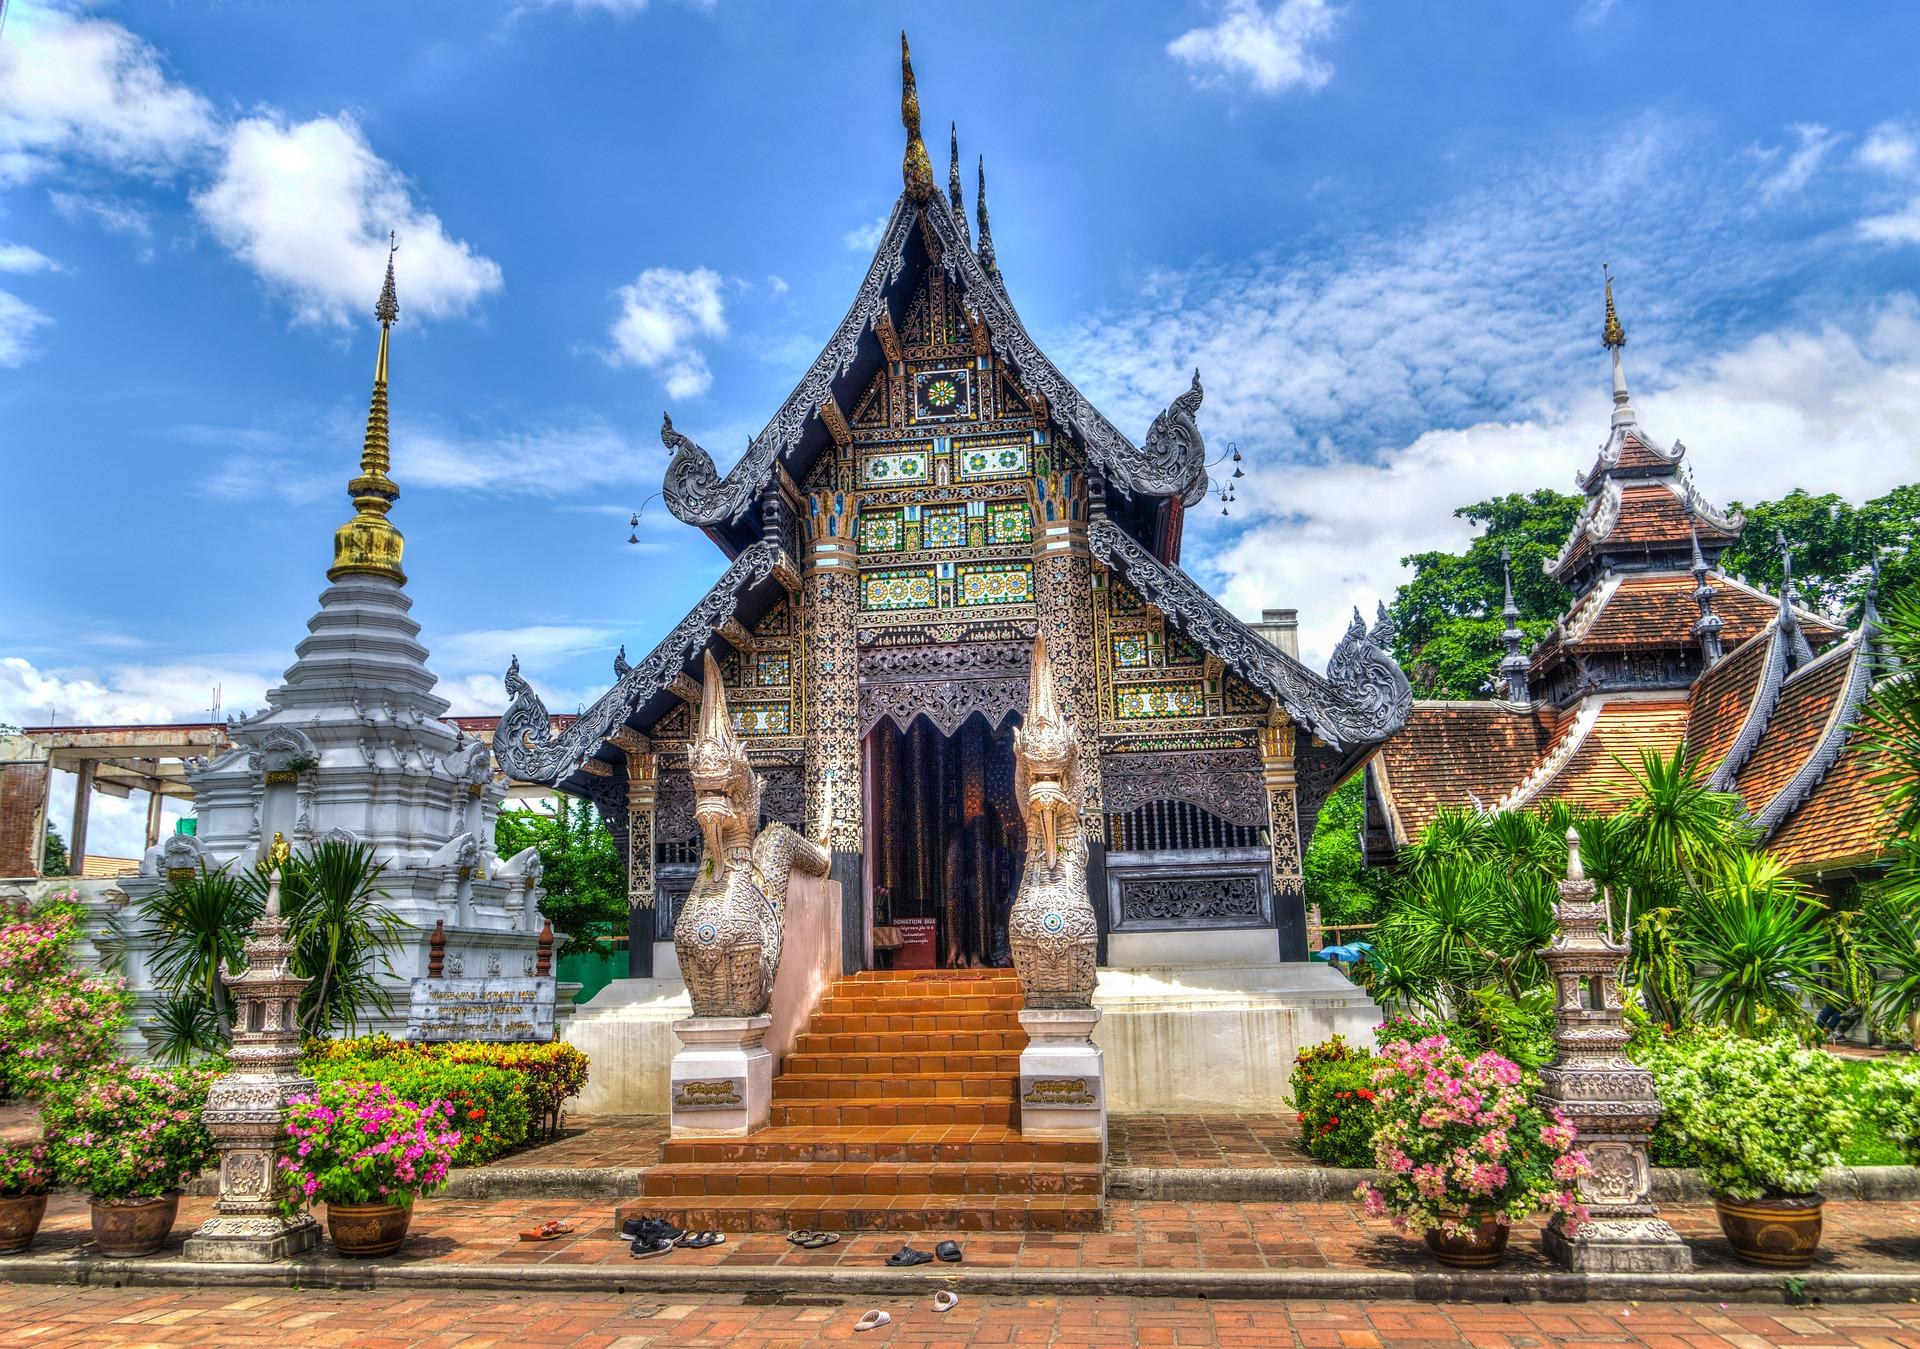 タイの雨季の時期を知って旅行を満喫!おすすめの服装や注意点は?